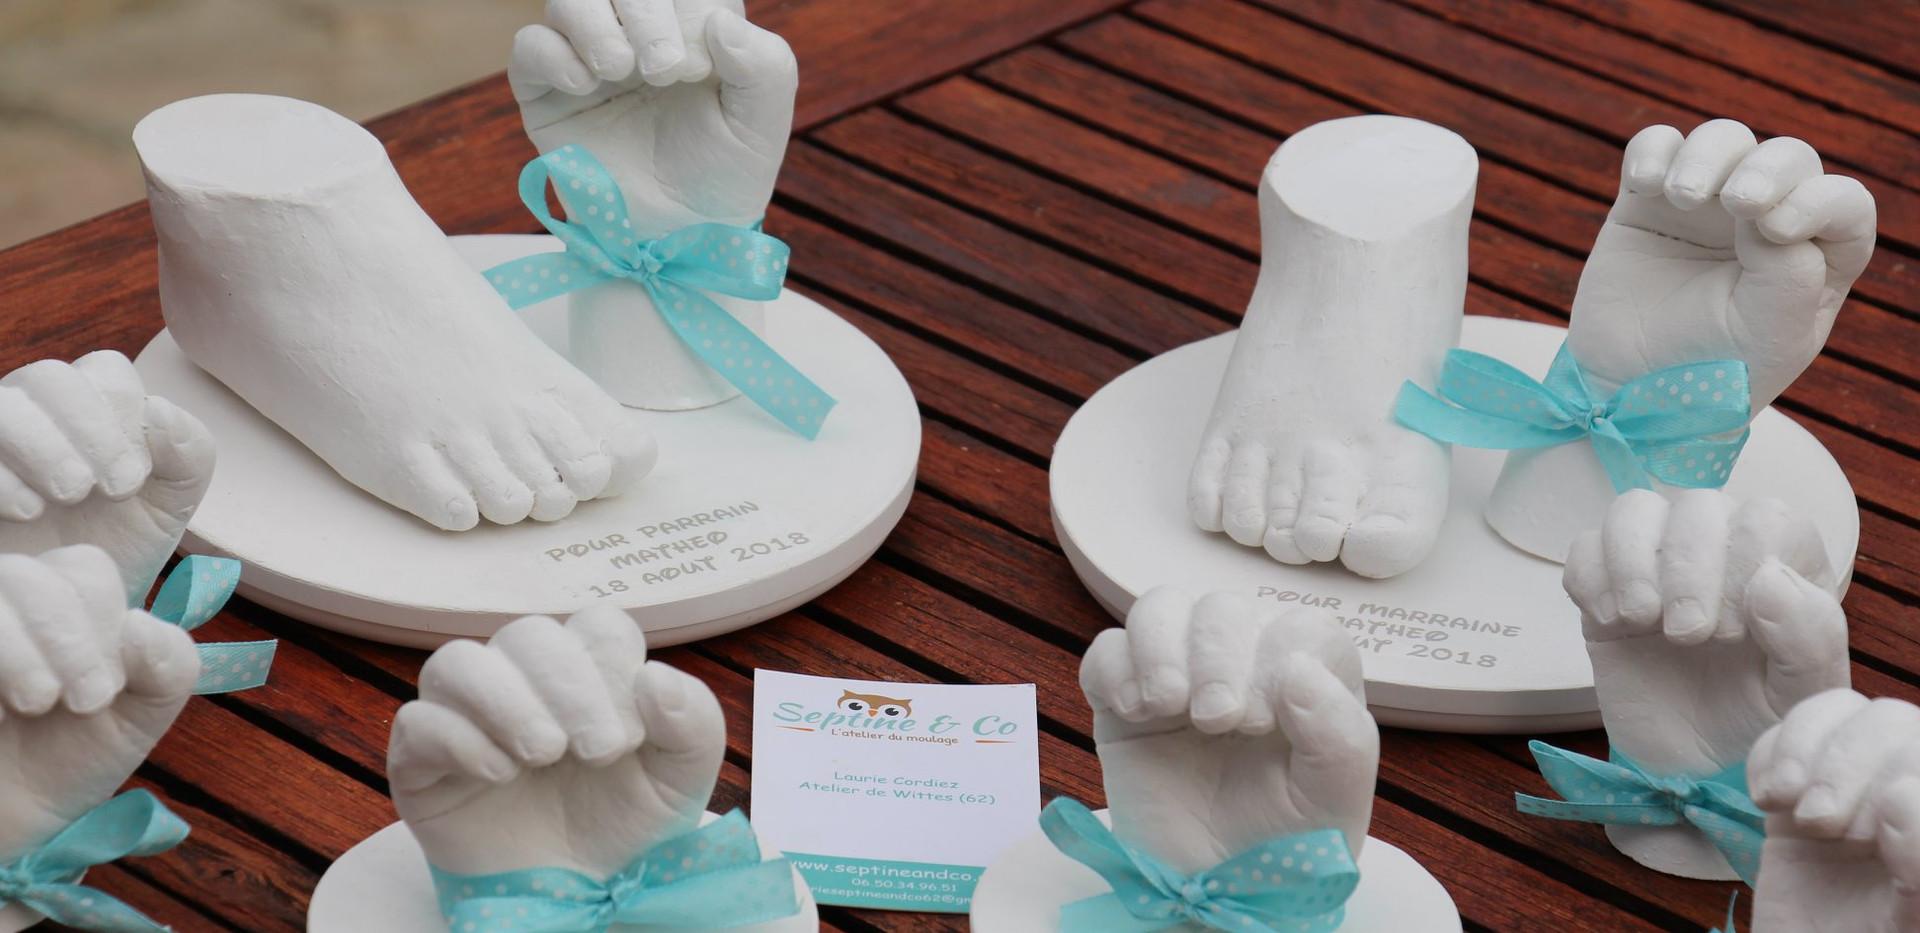 septine and co moulage 3D pas de calais nord pas de calais wittes empreintes 3D empreinte bébé souvneir de naissance grossesse moualge 3D